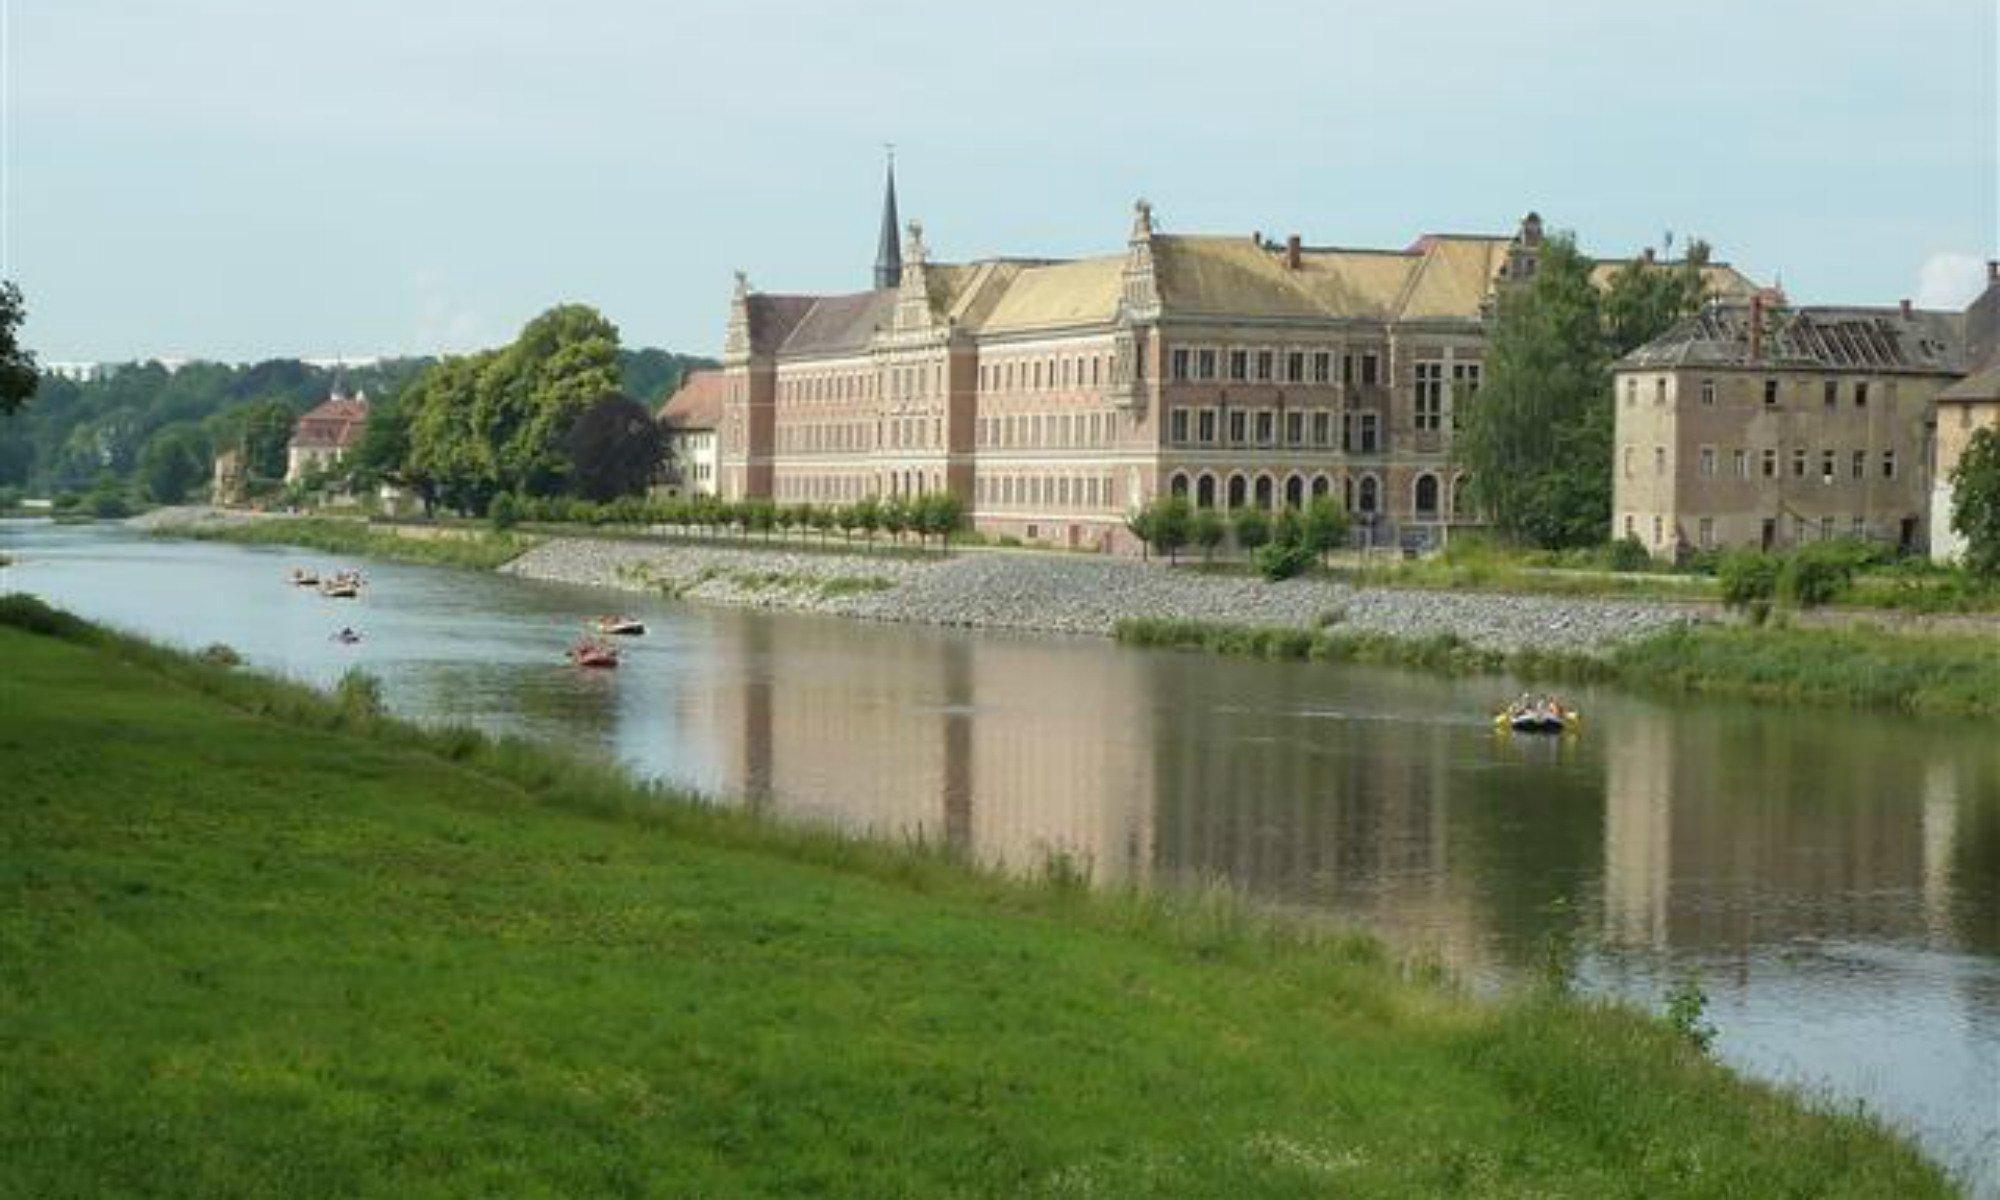 Einige Rafting Boote fahren auf der Mulde, im Hintergrund sieht man das Gymnasium St. Augustin.